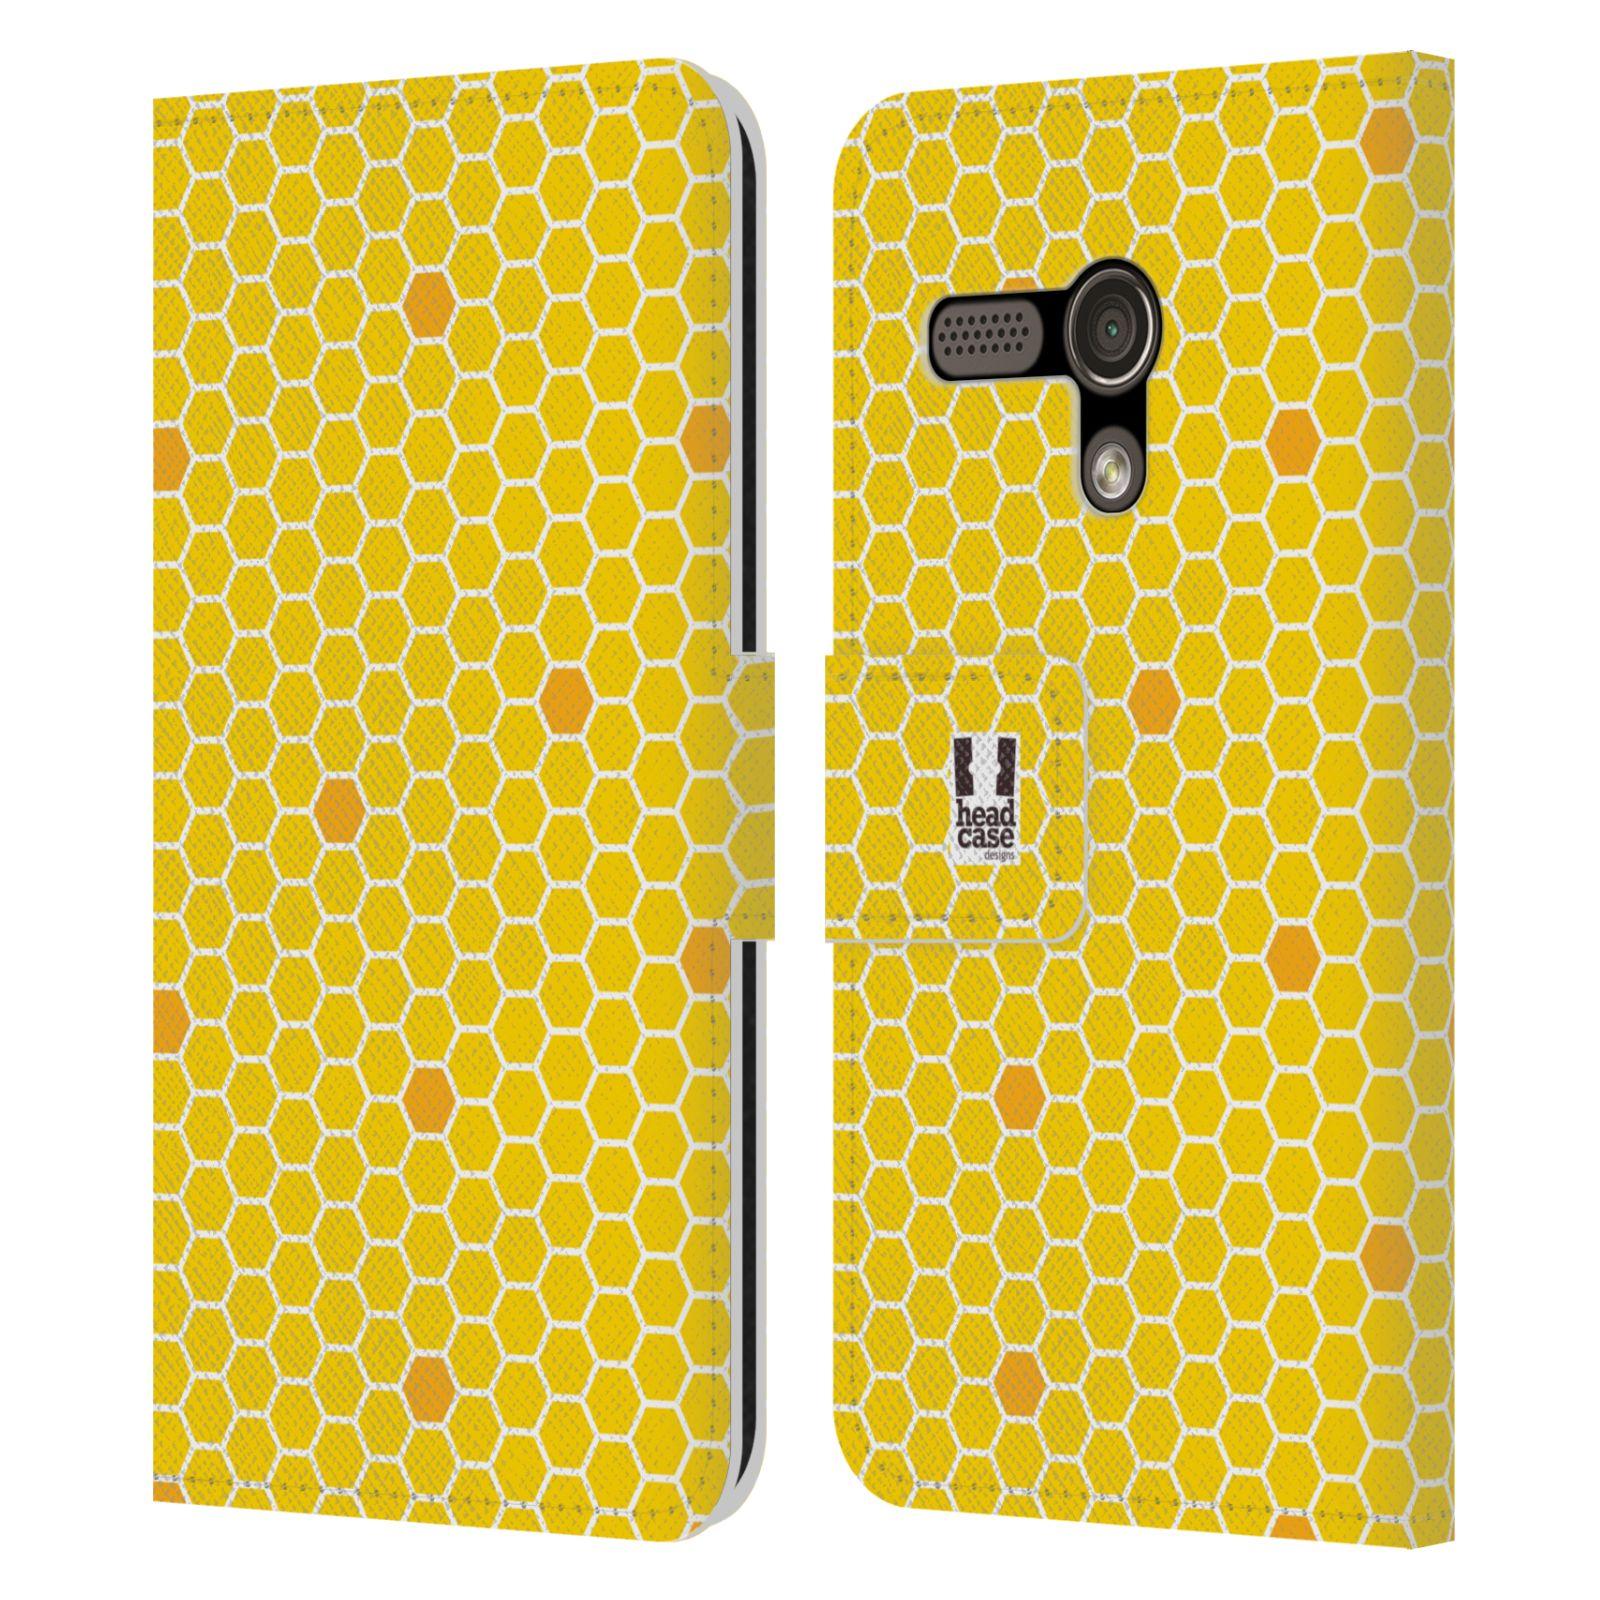 HEAD CASE Flipové pouzdro pro mobil MOTOROLA MOTO G VČELÍ VZOR plástev žlutá